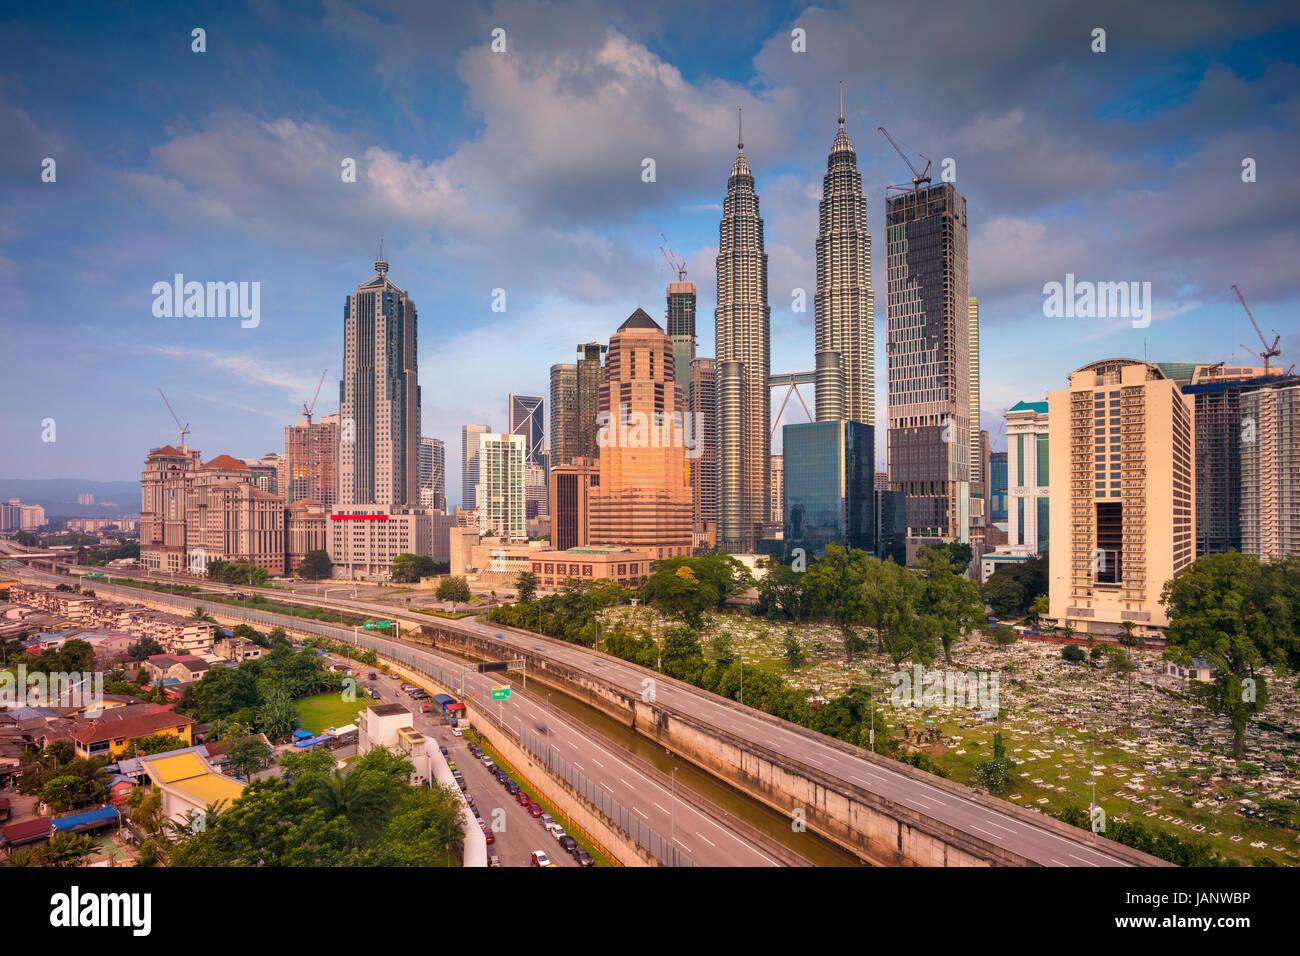 Kuala Lumpur. Immagine di paesaggio cittadino di Kuala Lumpur in Malesia durante il giorno. Immagini Stock